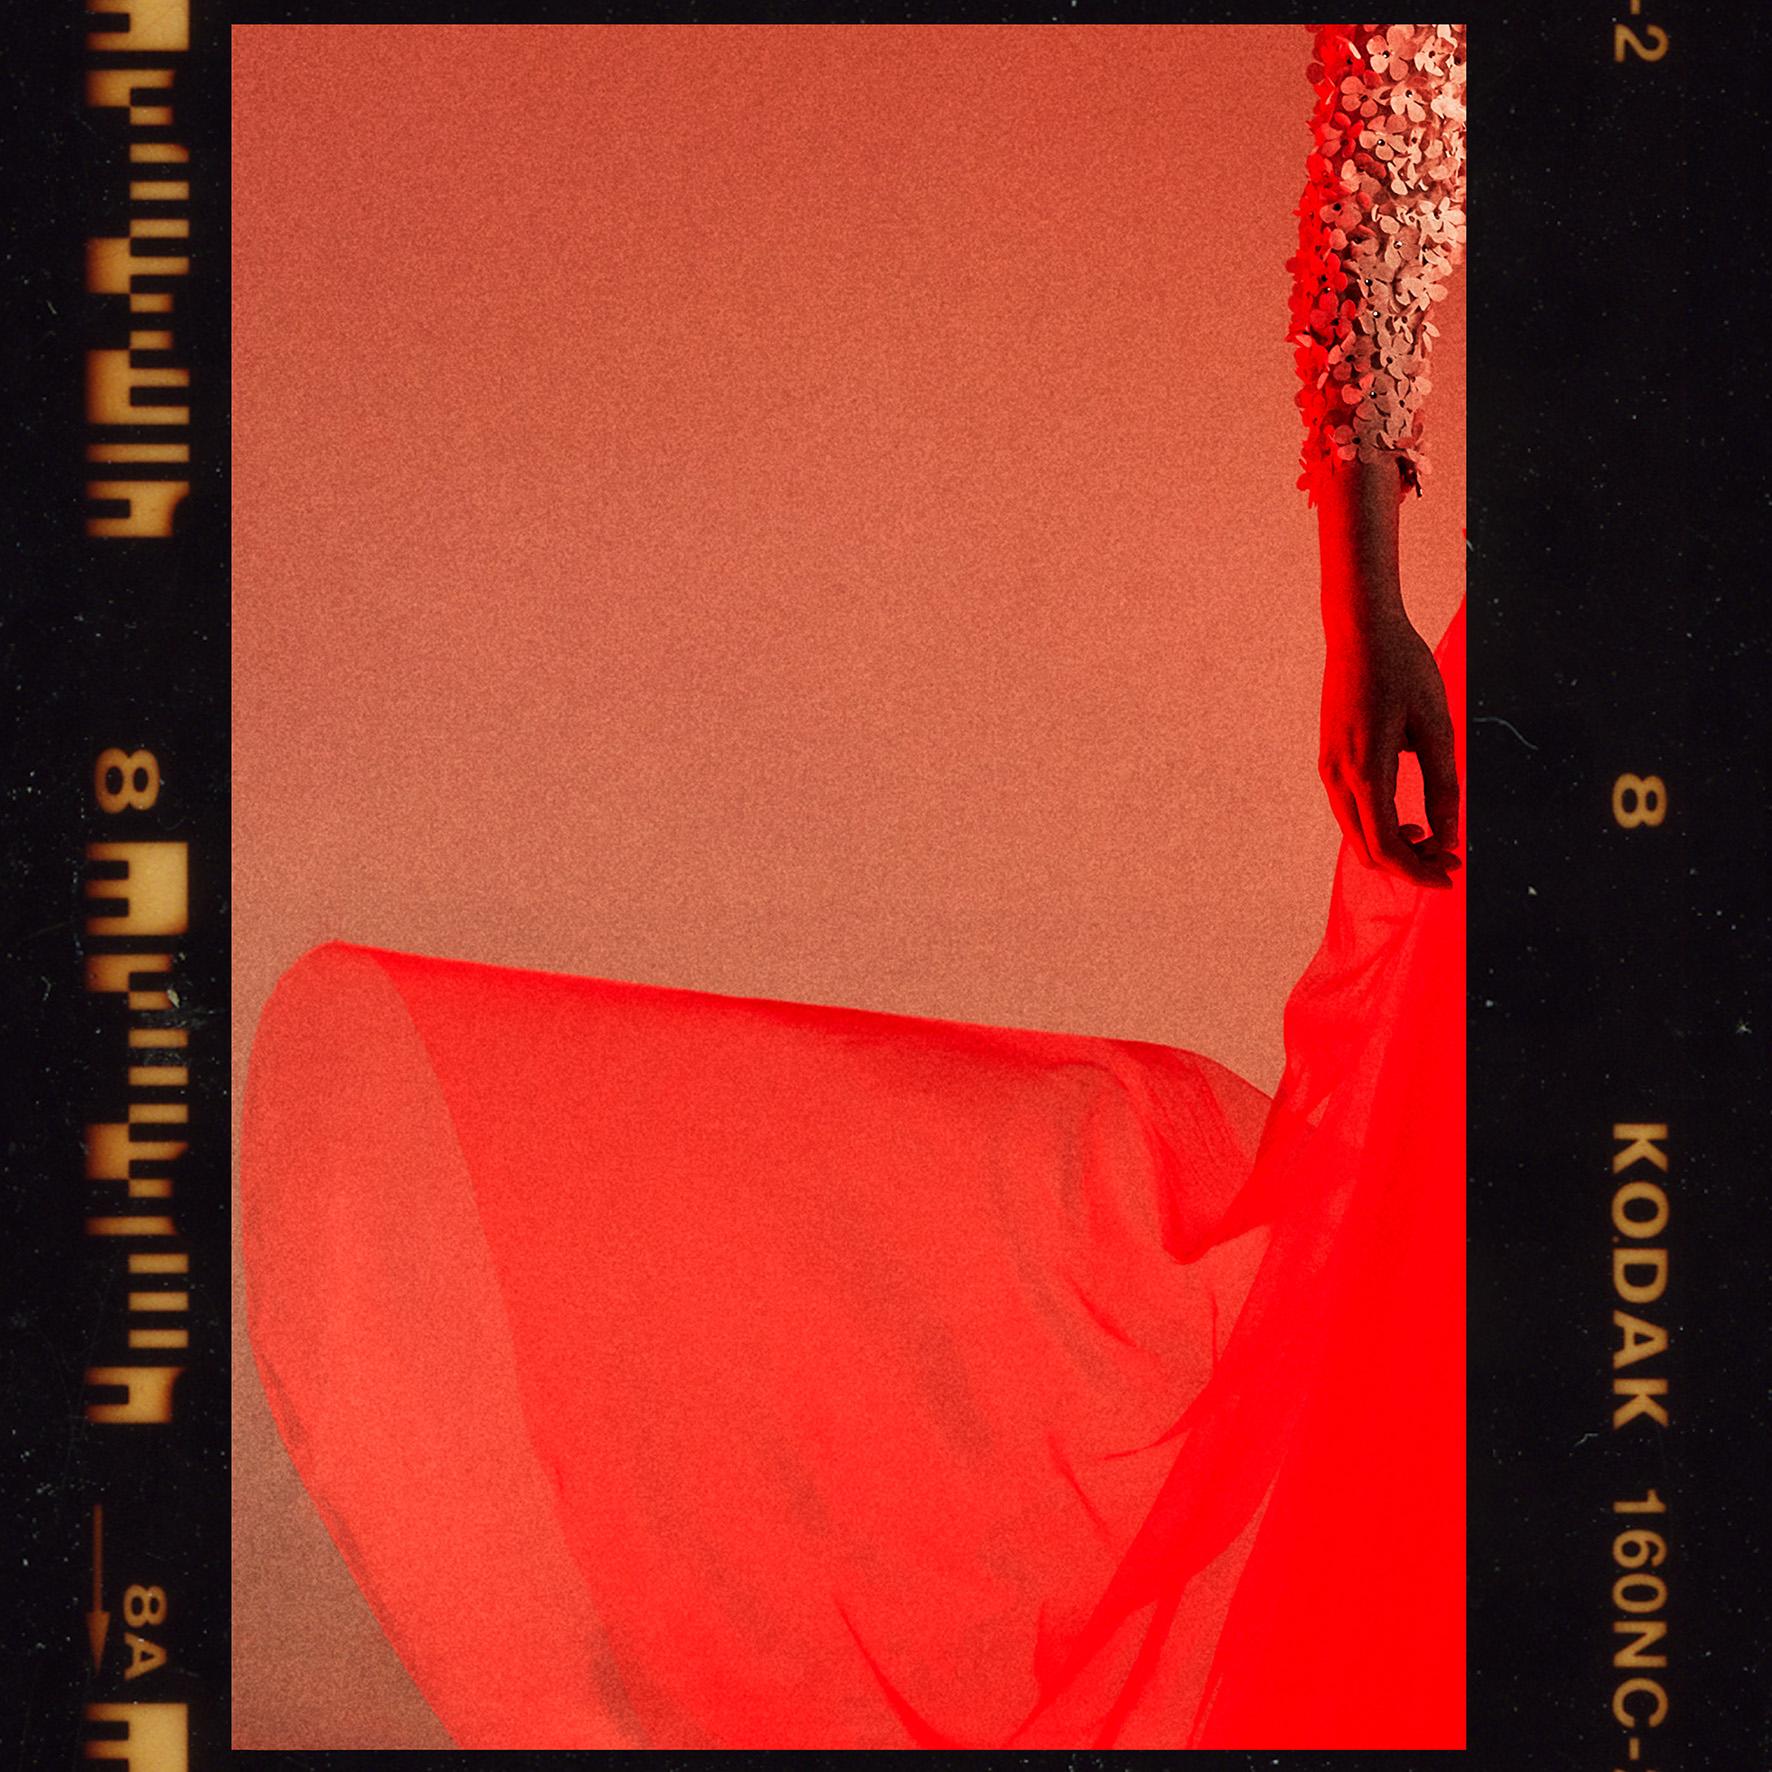 8__U2A3451.jpg